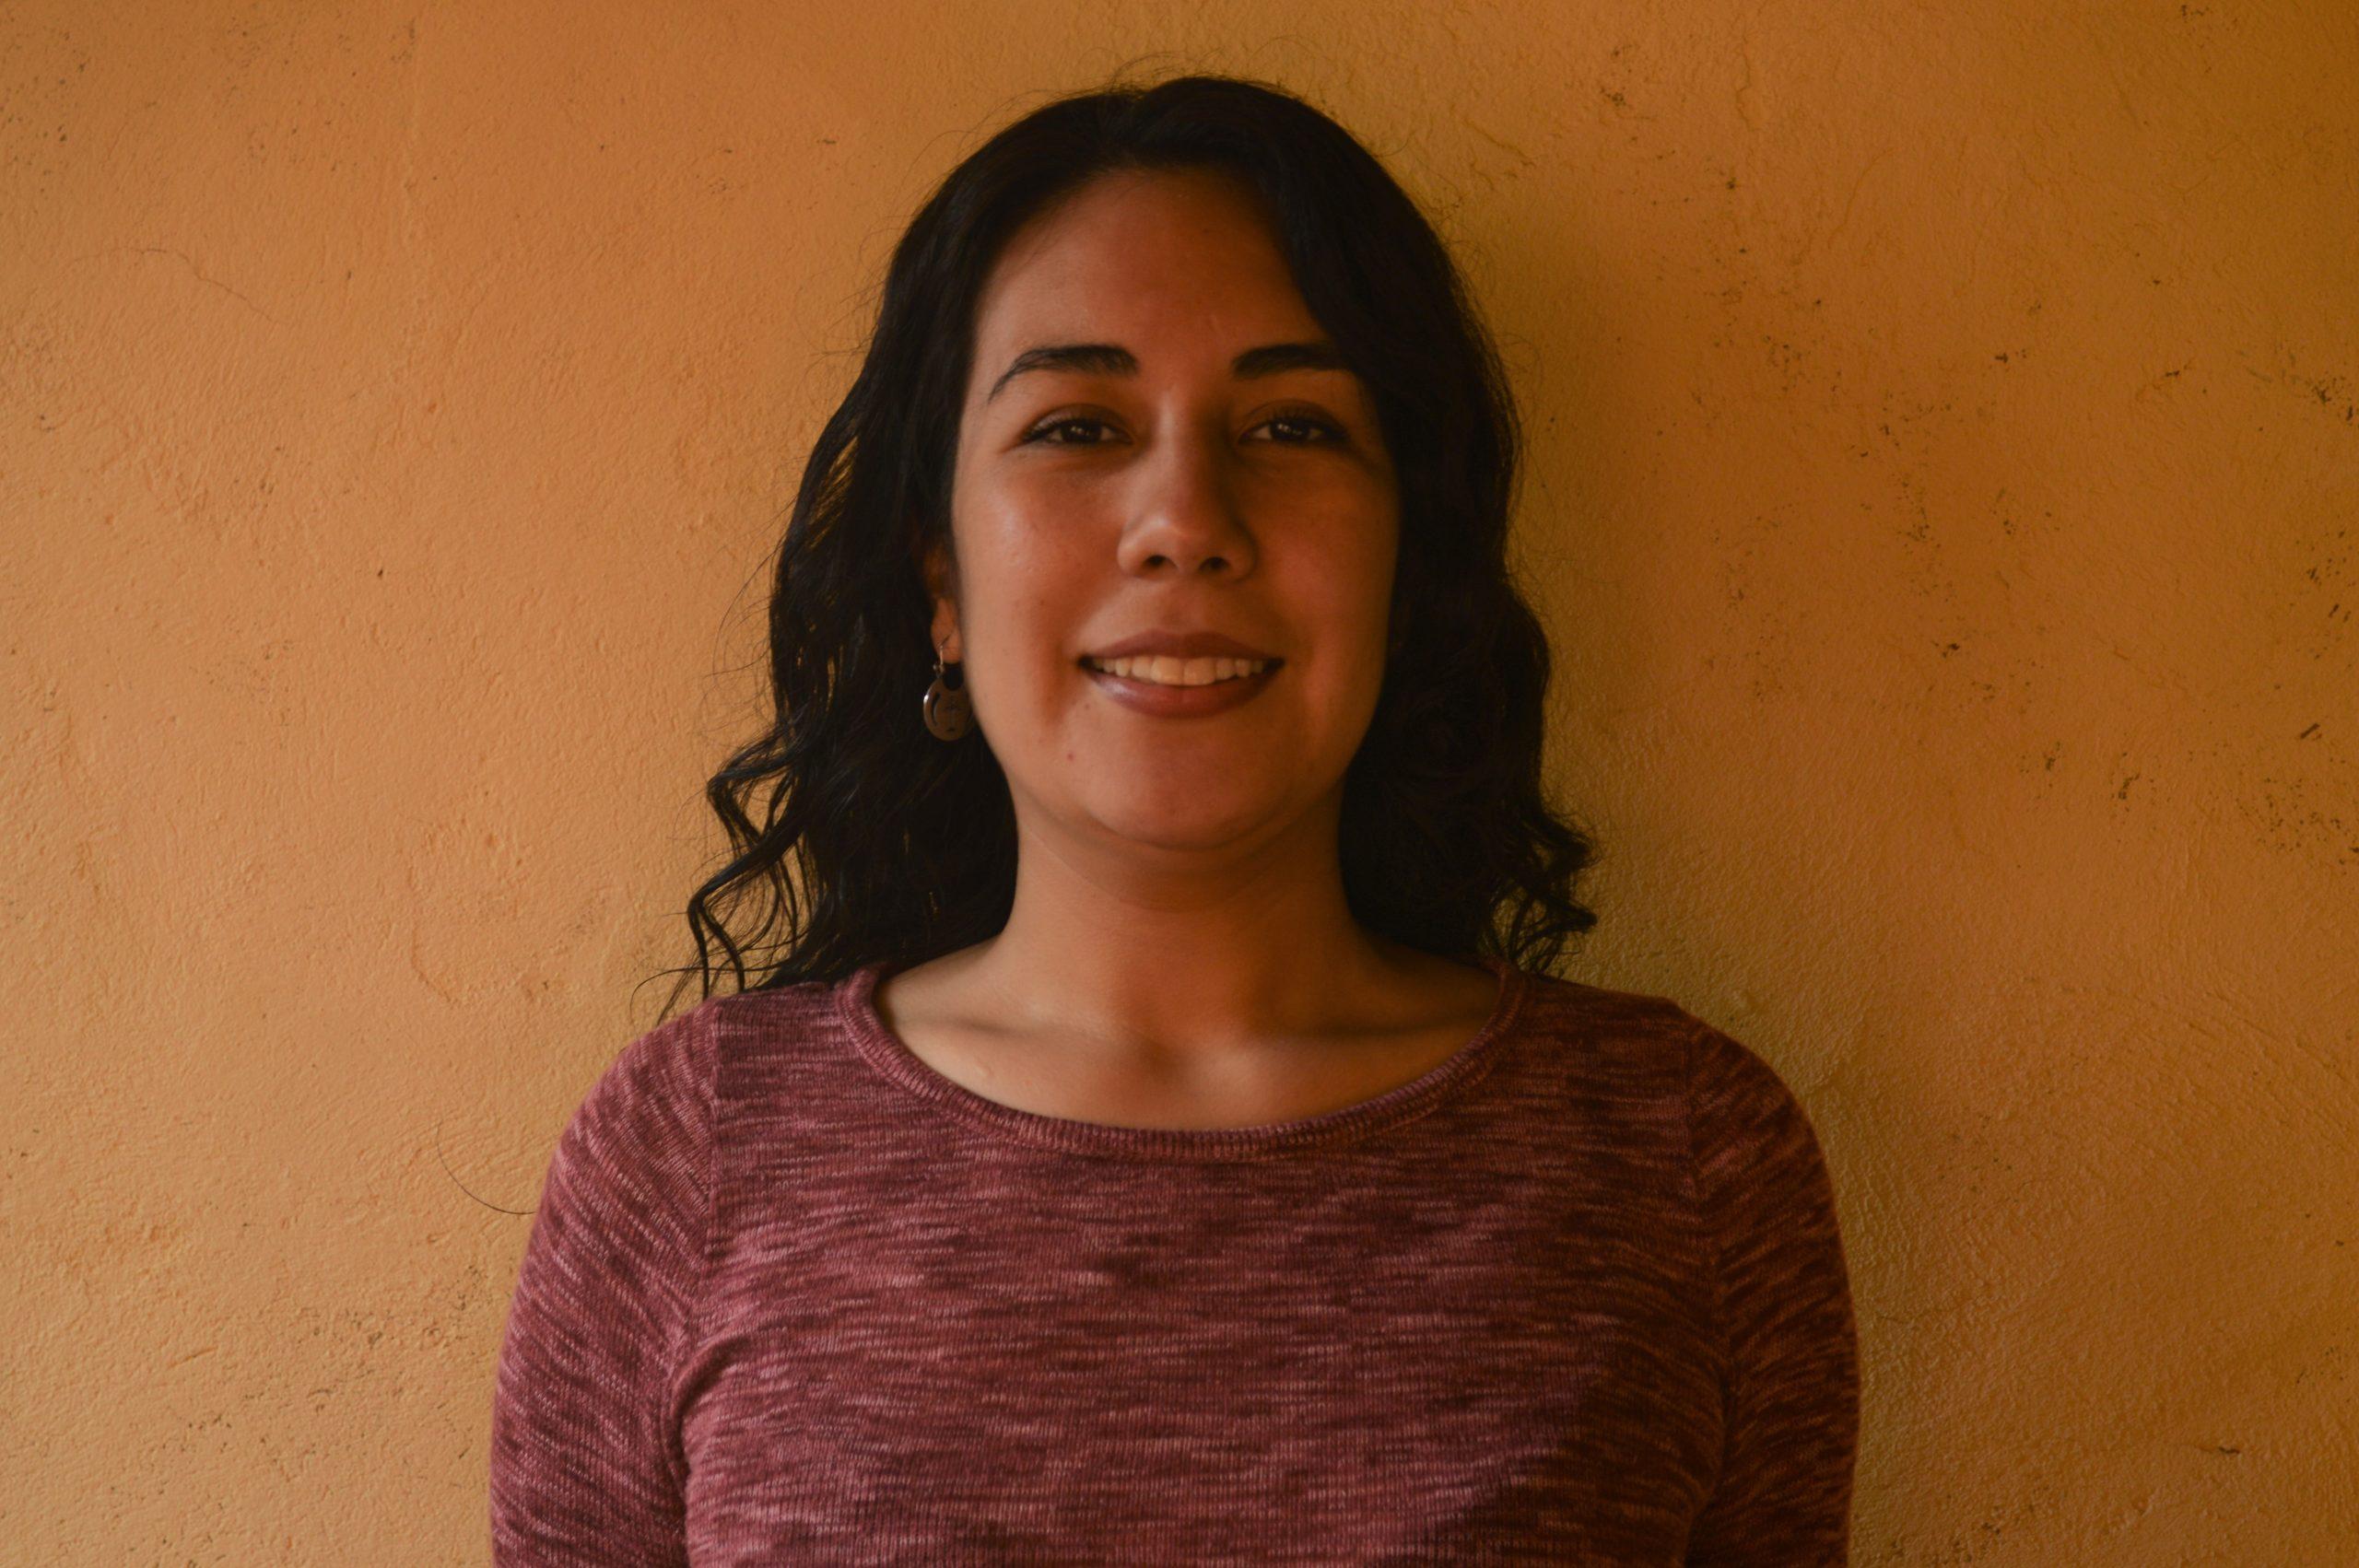 Daniela Jaque : Analista de proyectos